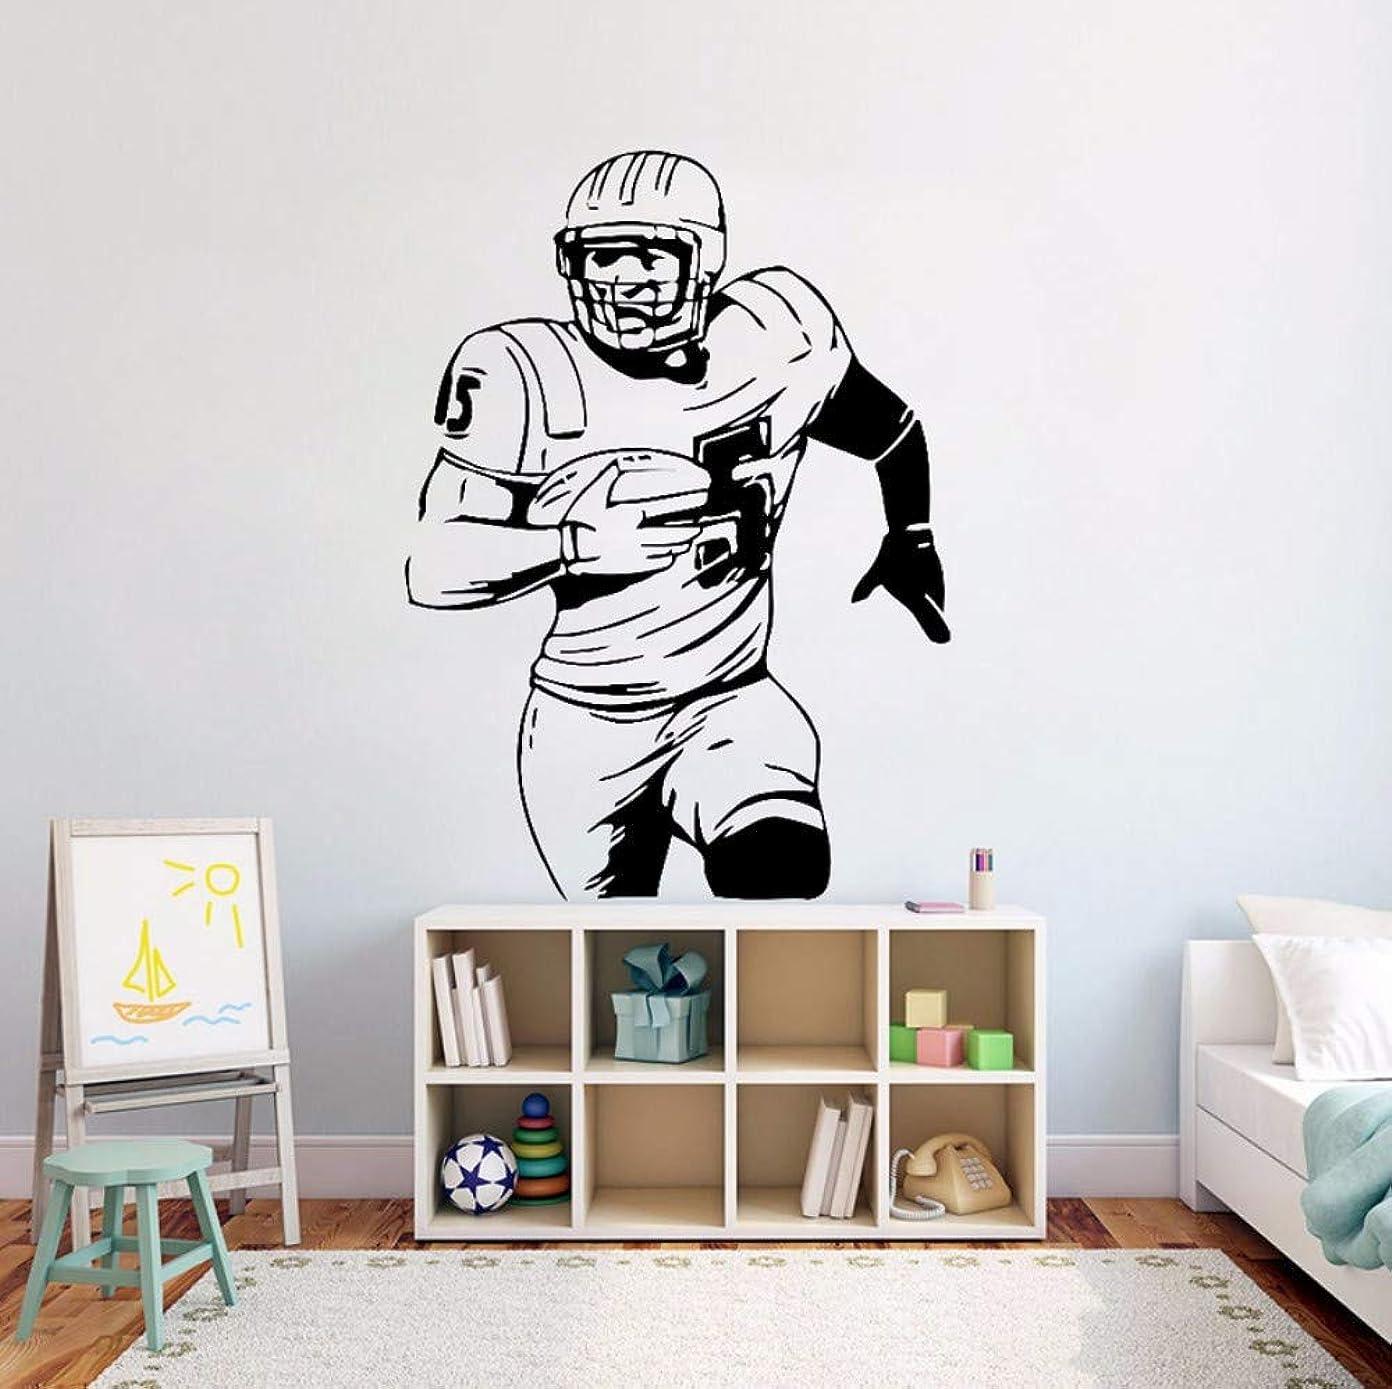 マージン反対無礼にAnsyny ?アメリカンフットボールの壁ビニールステッカーボールスポーツ活動壁デカールキッズルームの装飾取り外し可能なフットボール選手の壁壁画42 * 58センチ